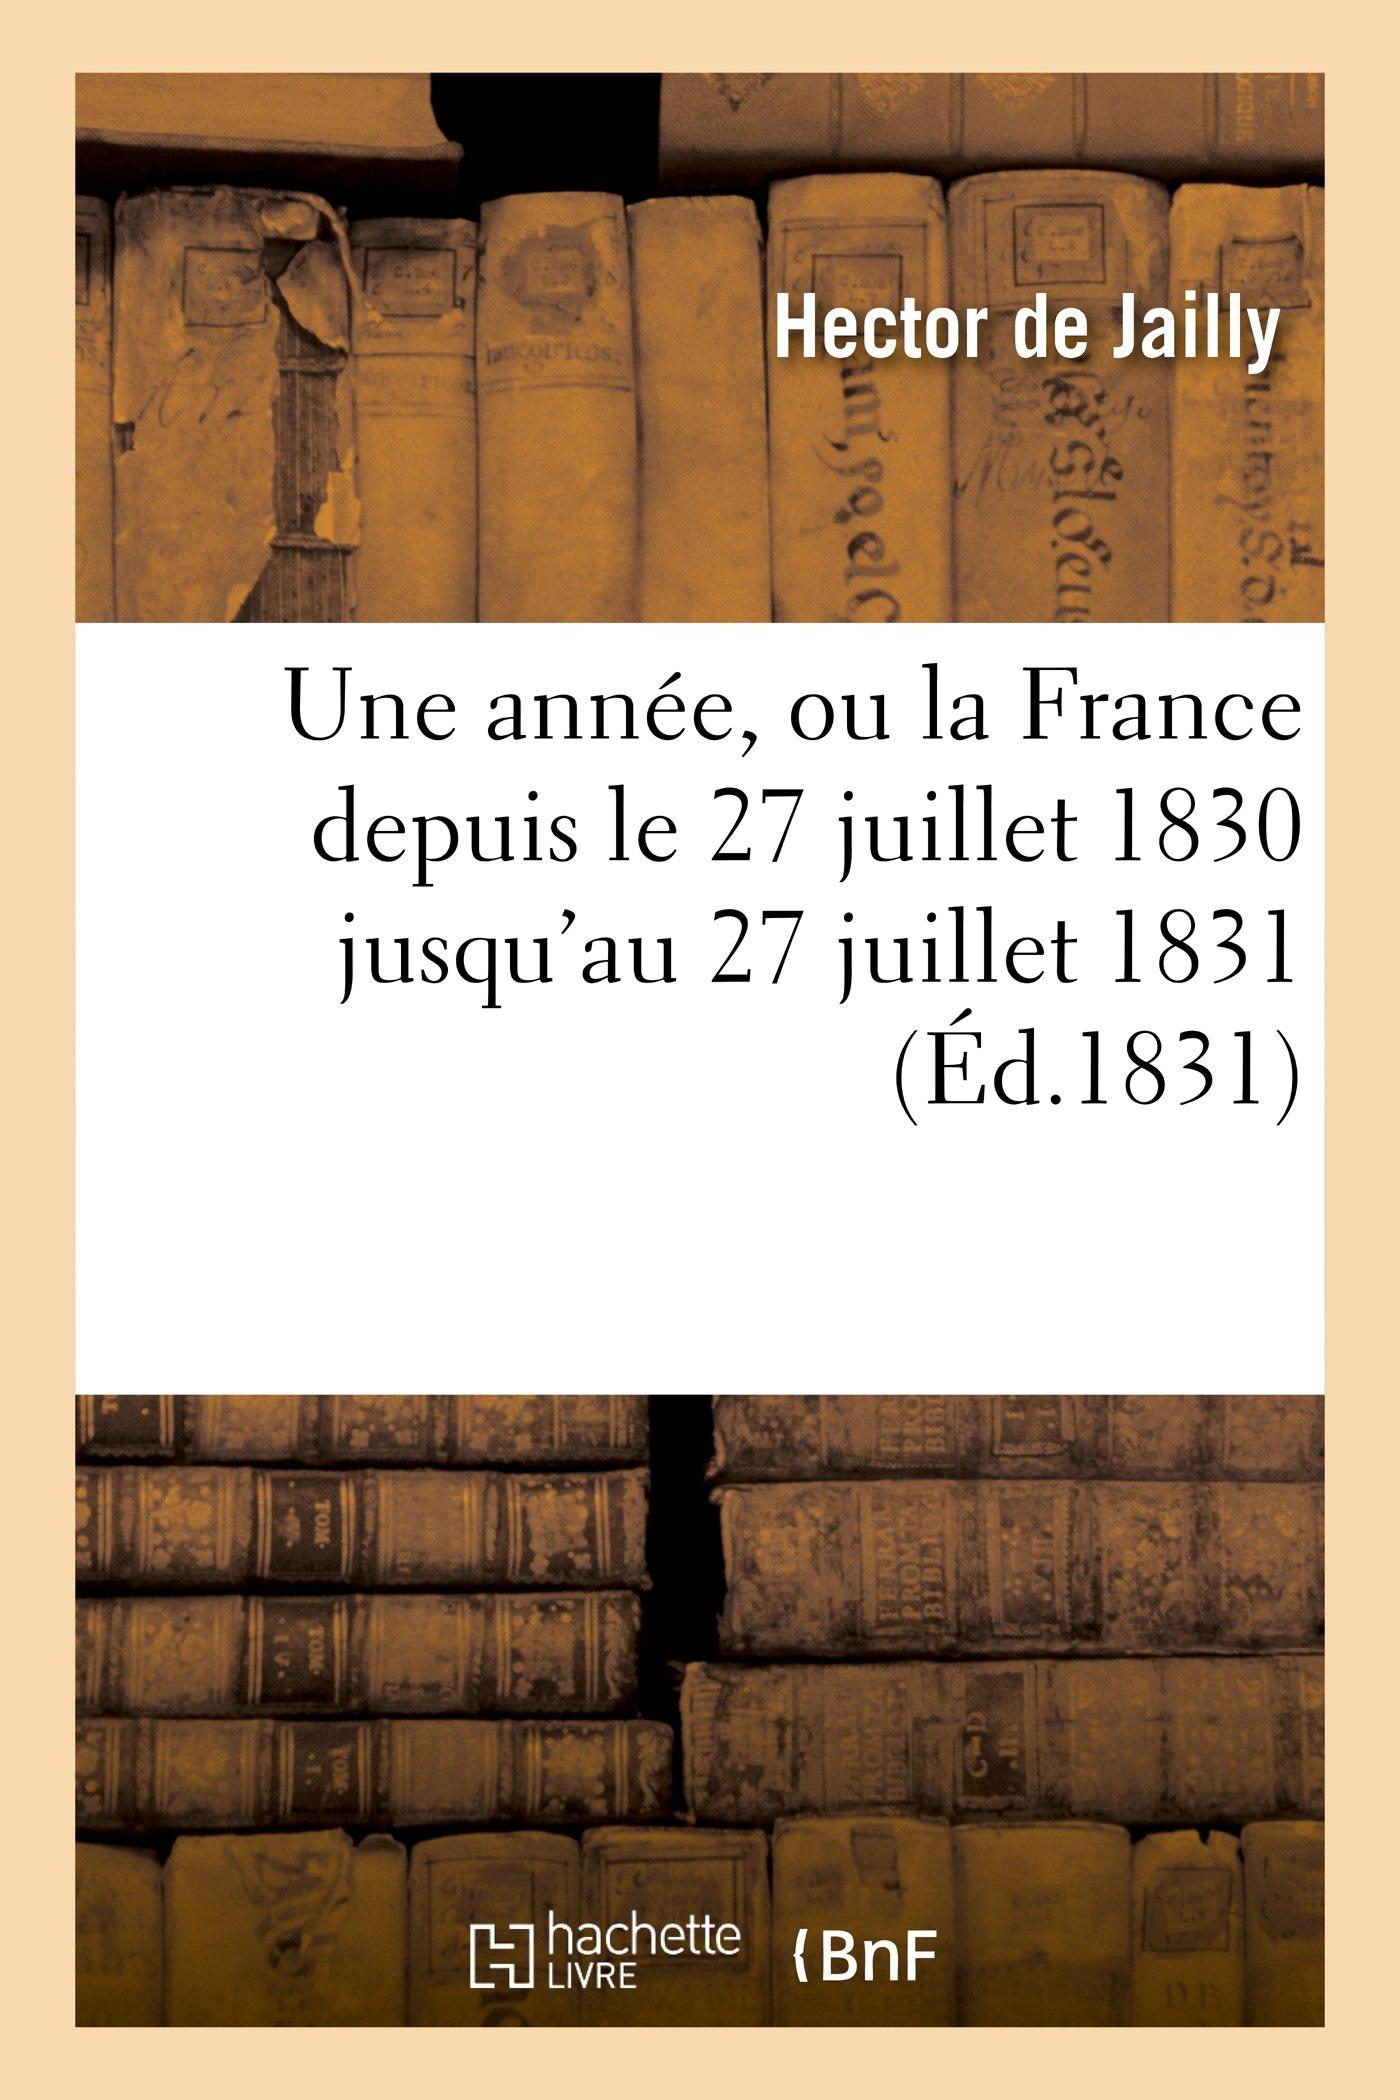 Une Annee, Ou La France Depuis Le 27 Juillet 1830 Jusqu'au 27 Juillet 1831 (Histoire) (French Edition) pdf epub